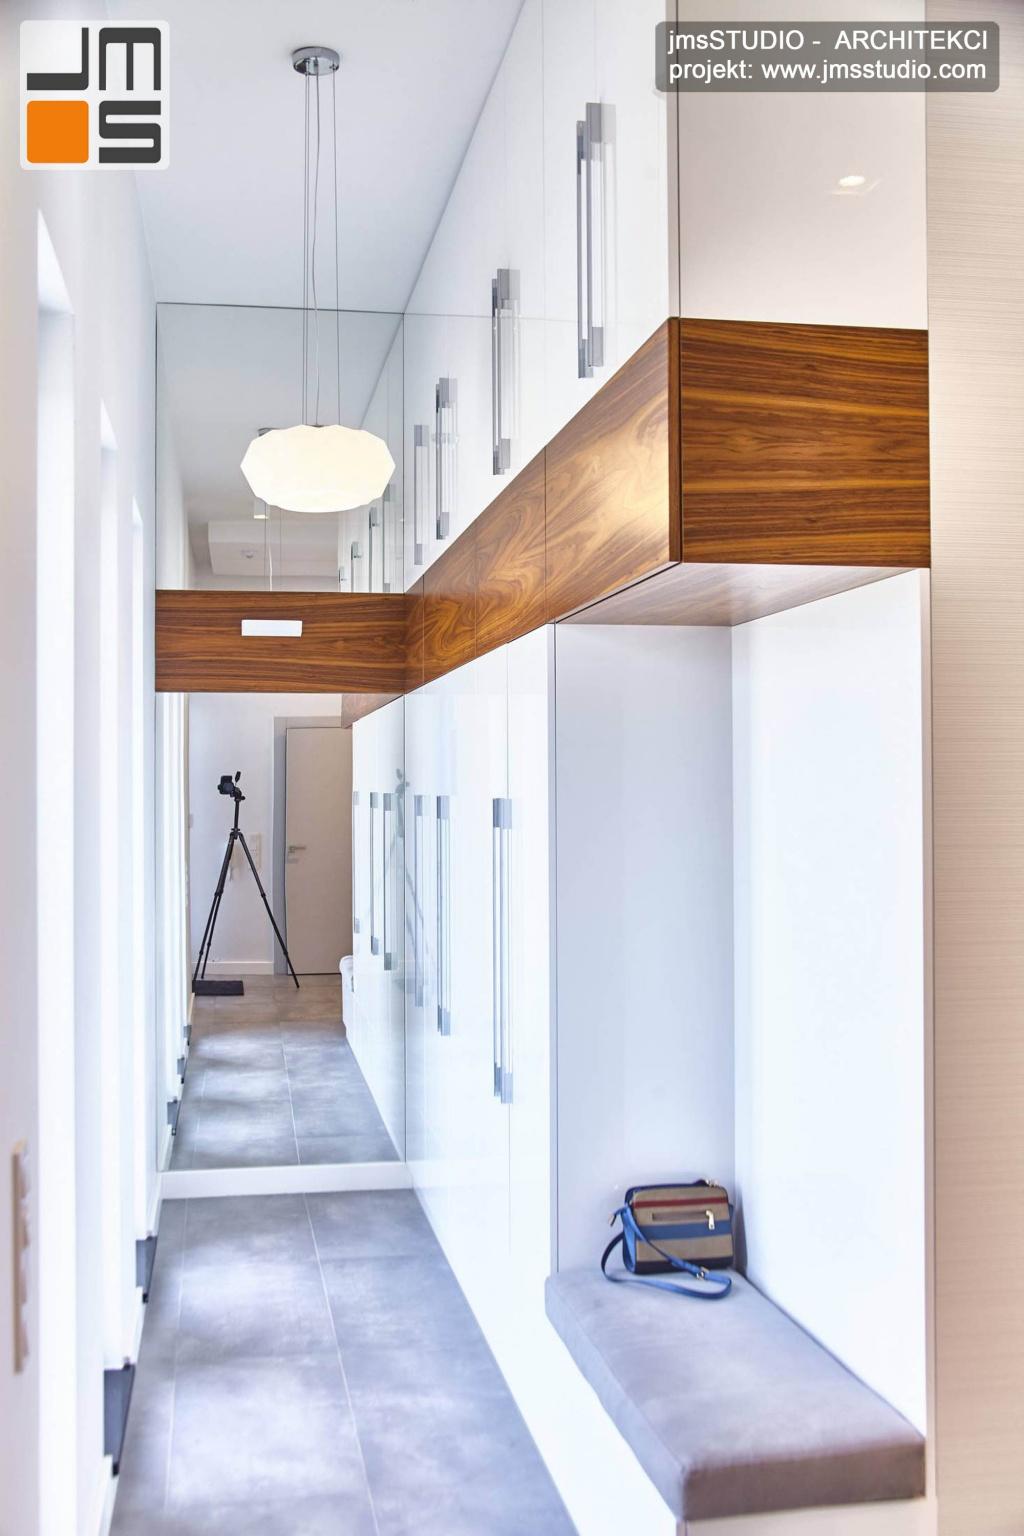 2018 06 meble do prostych wnętrz dużej garderoby zaprojektowano w białej płycie lakierowanej z wstawkami z orzecha